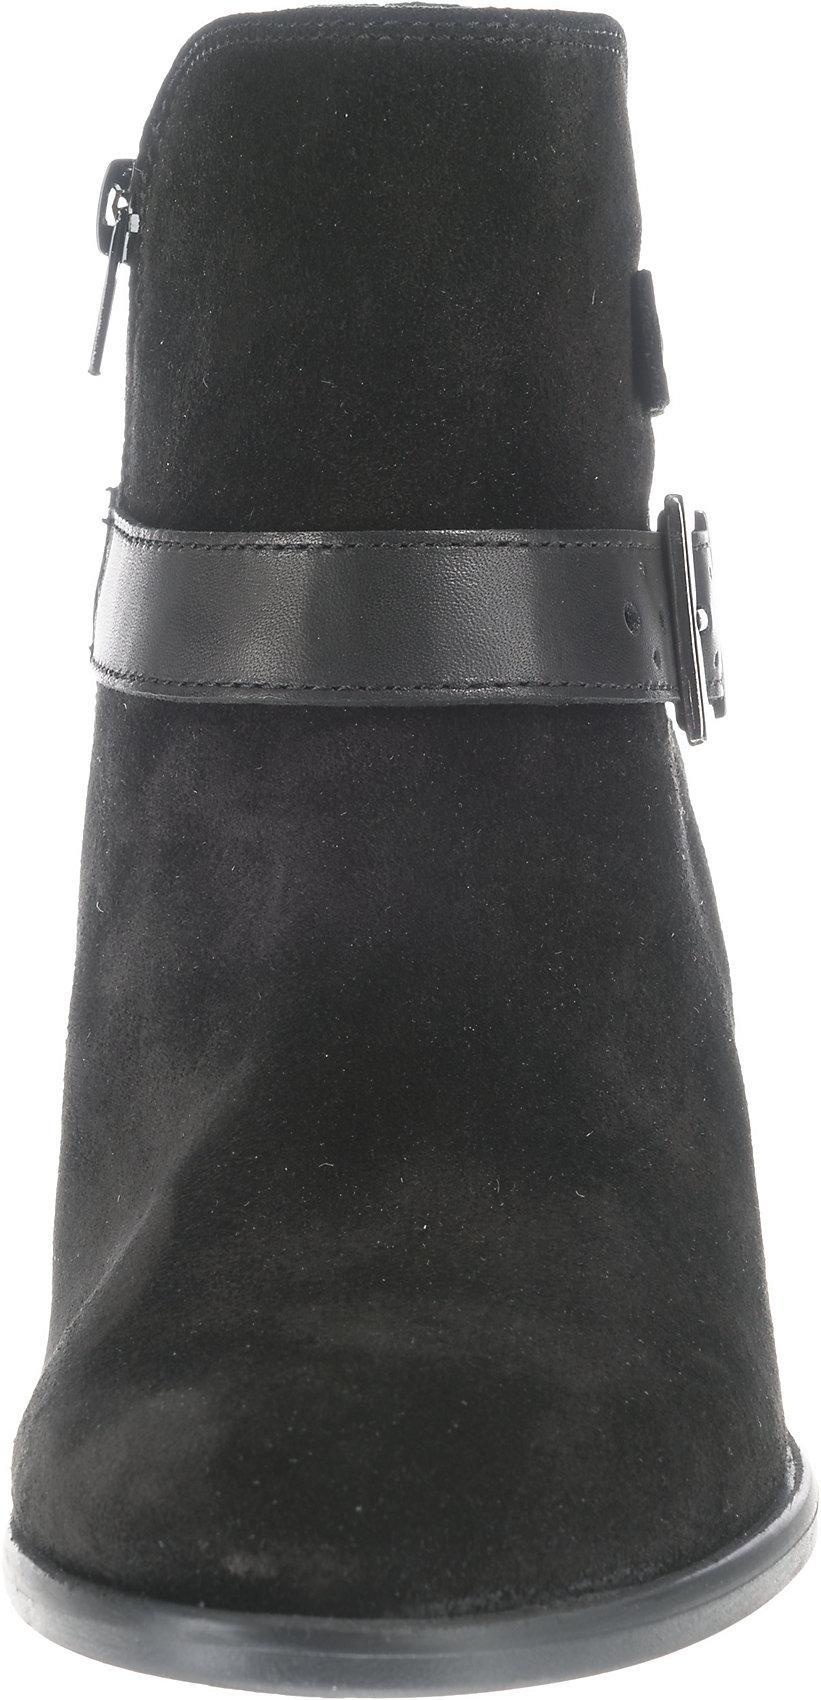 Details zu Neu Tamaris Klassische Stiefeletten 8452752 für Damen schwarz blau